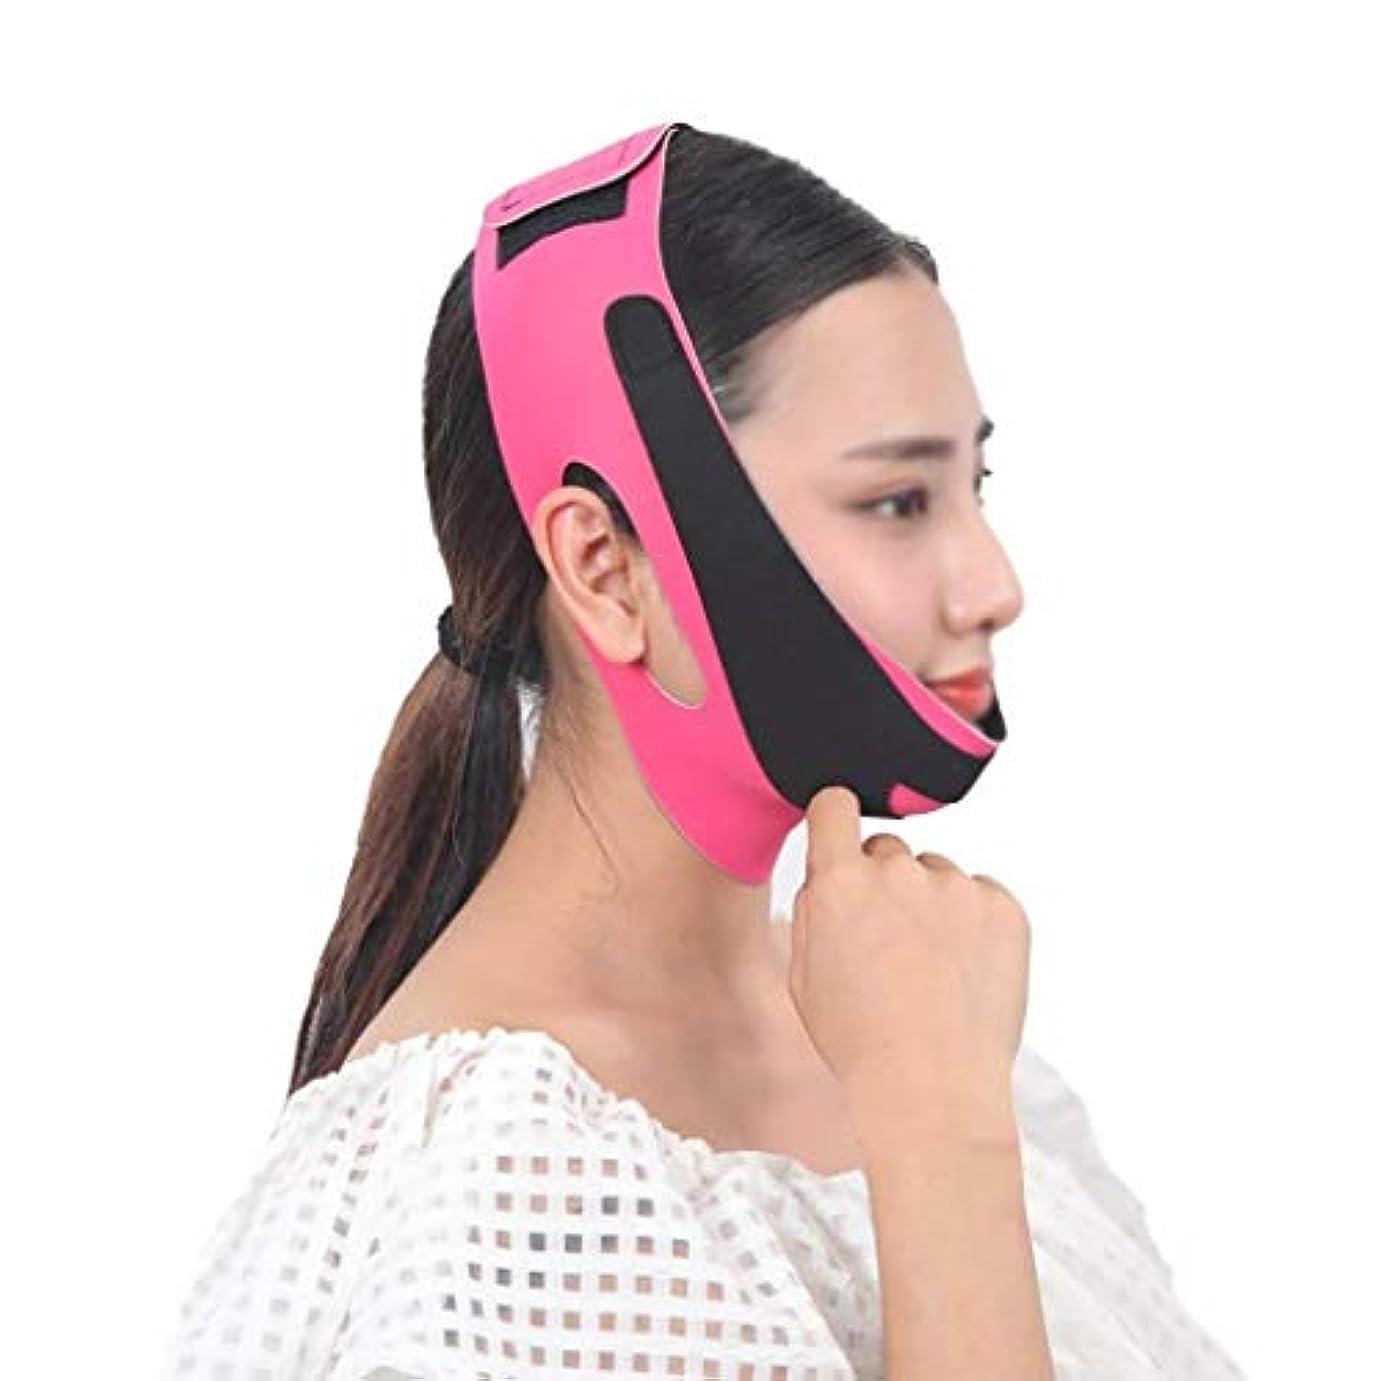 大人眼高音フェイスアンドネックリフト術後弾性フェイスマスク小さなV顔アーティファクト薄い顔包帯アーティファクトV顔ぶら下げ耳リフティング引き締め薄い顔アーティファクト